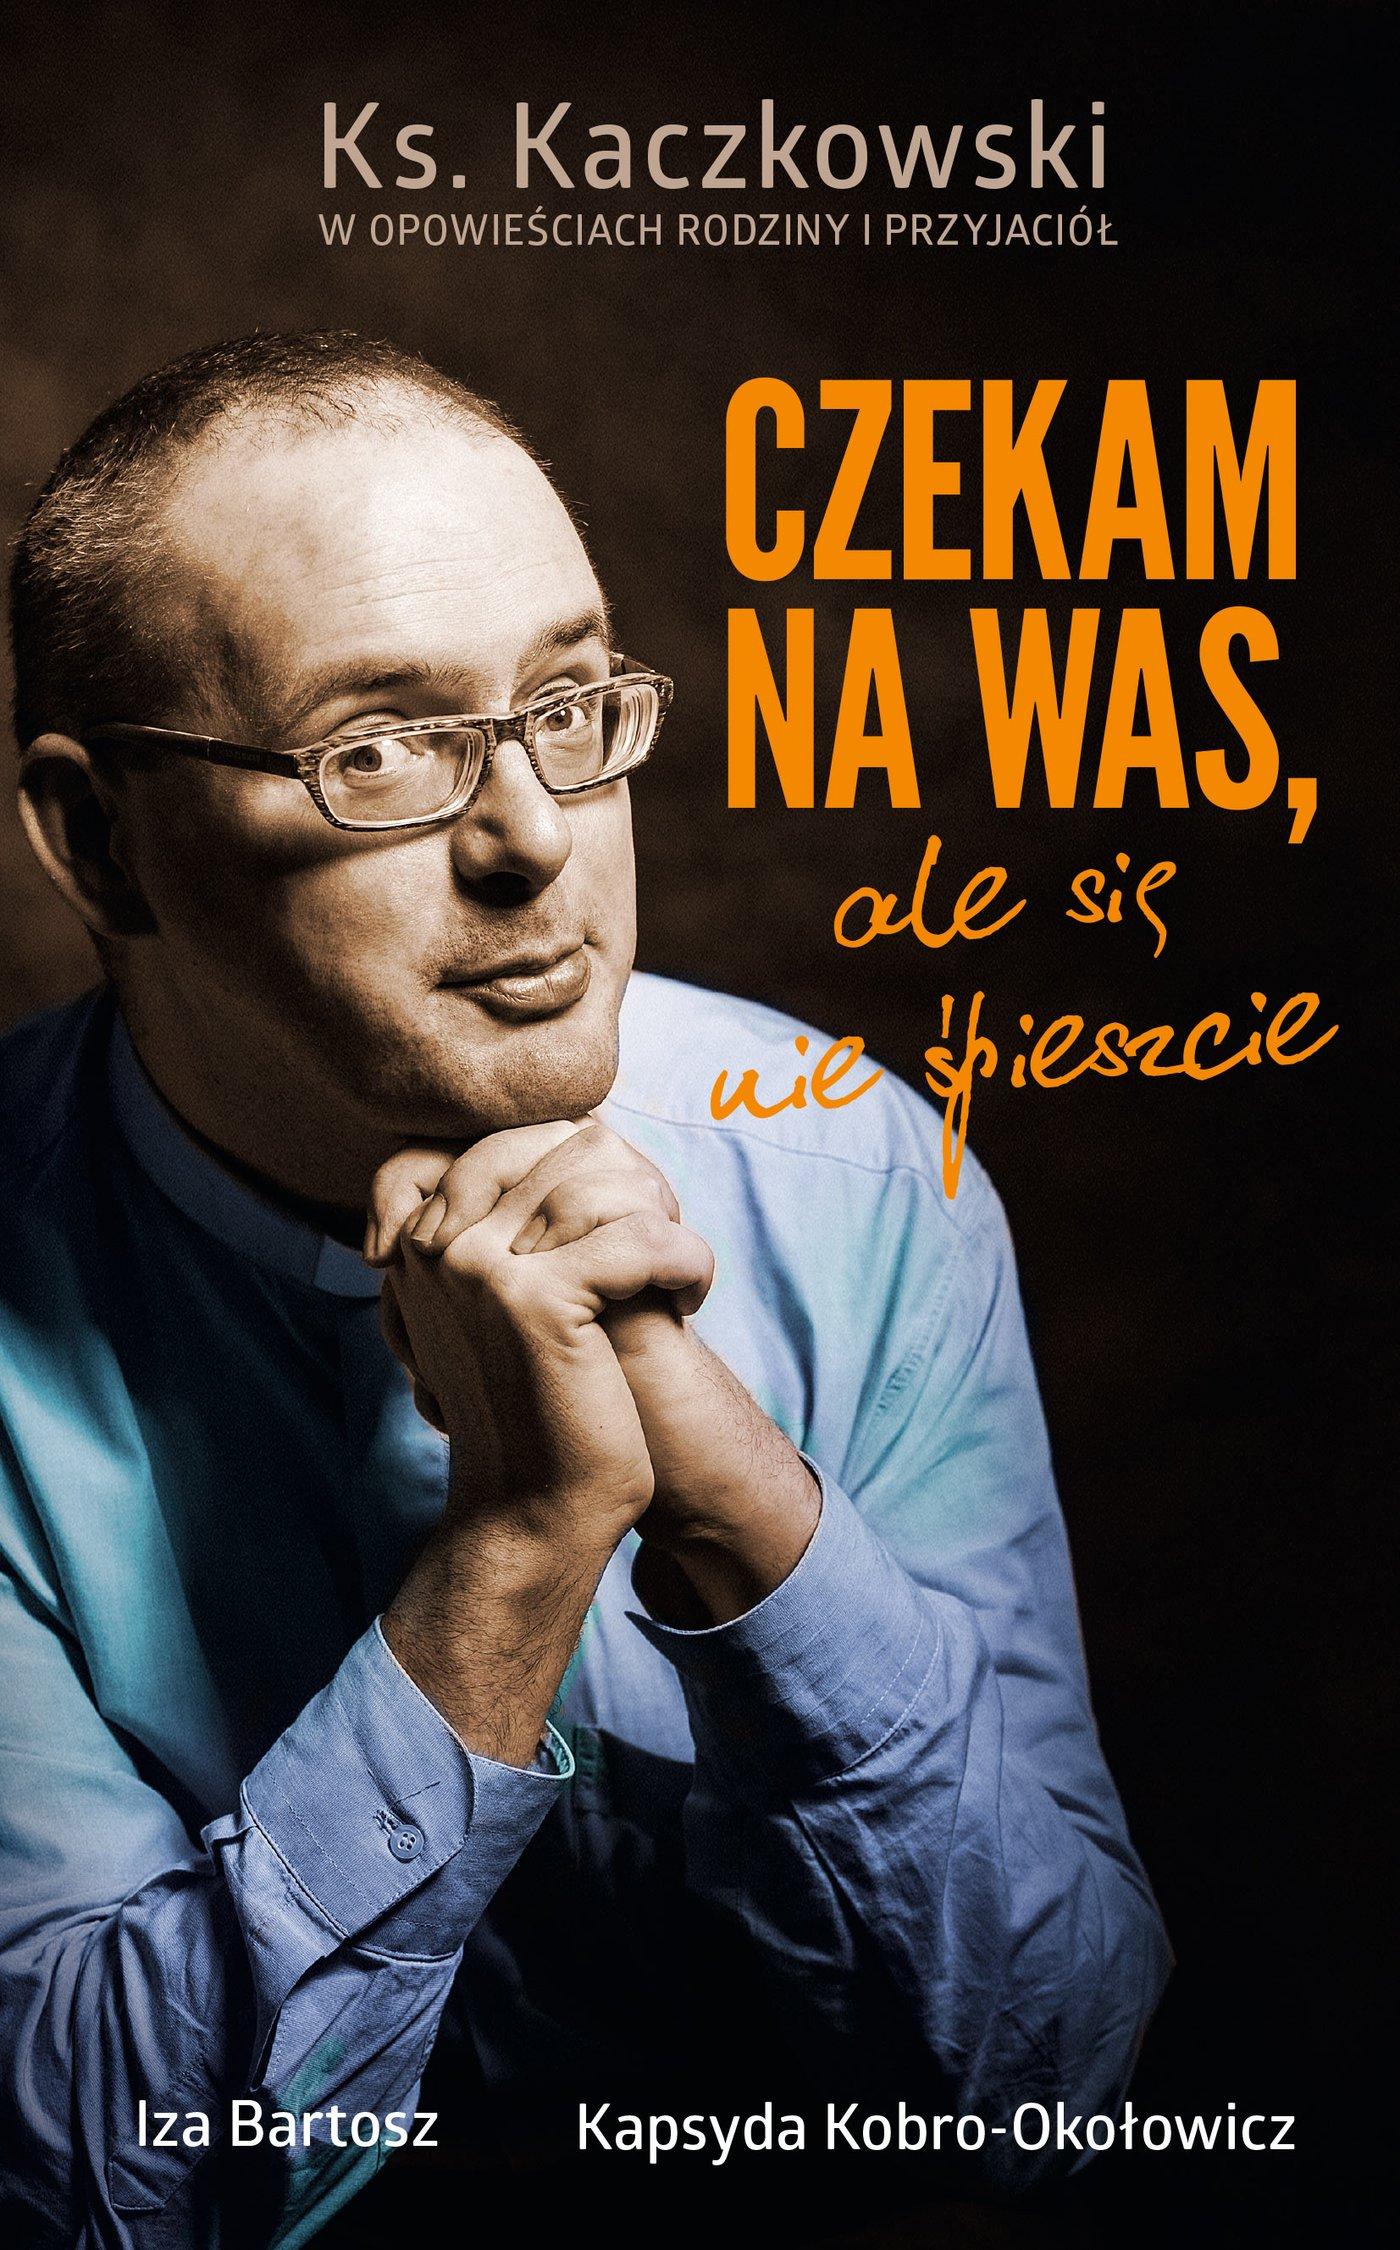 Czekam na was, ale się nie śpieszcie. Ks. Kaczkowski we wspomnieniach rodziny i przyjaciół - Ebook (Książka EPUB) do pobrania w formacie EPUB